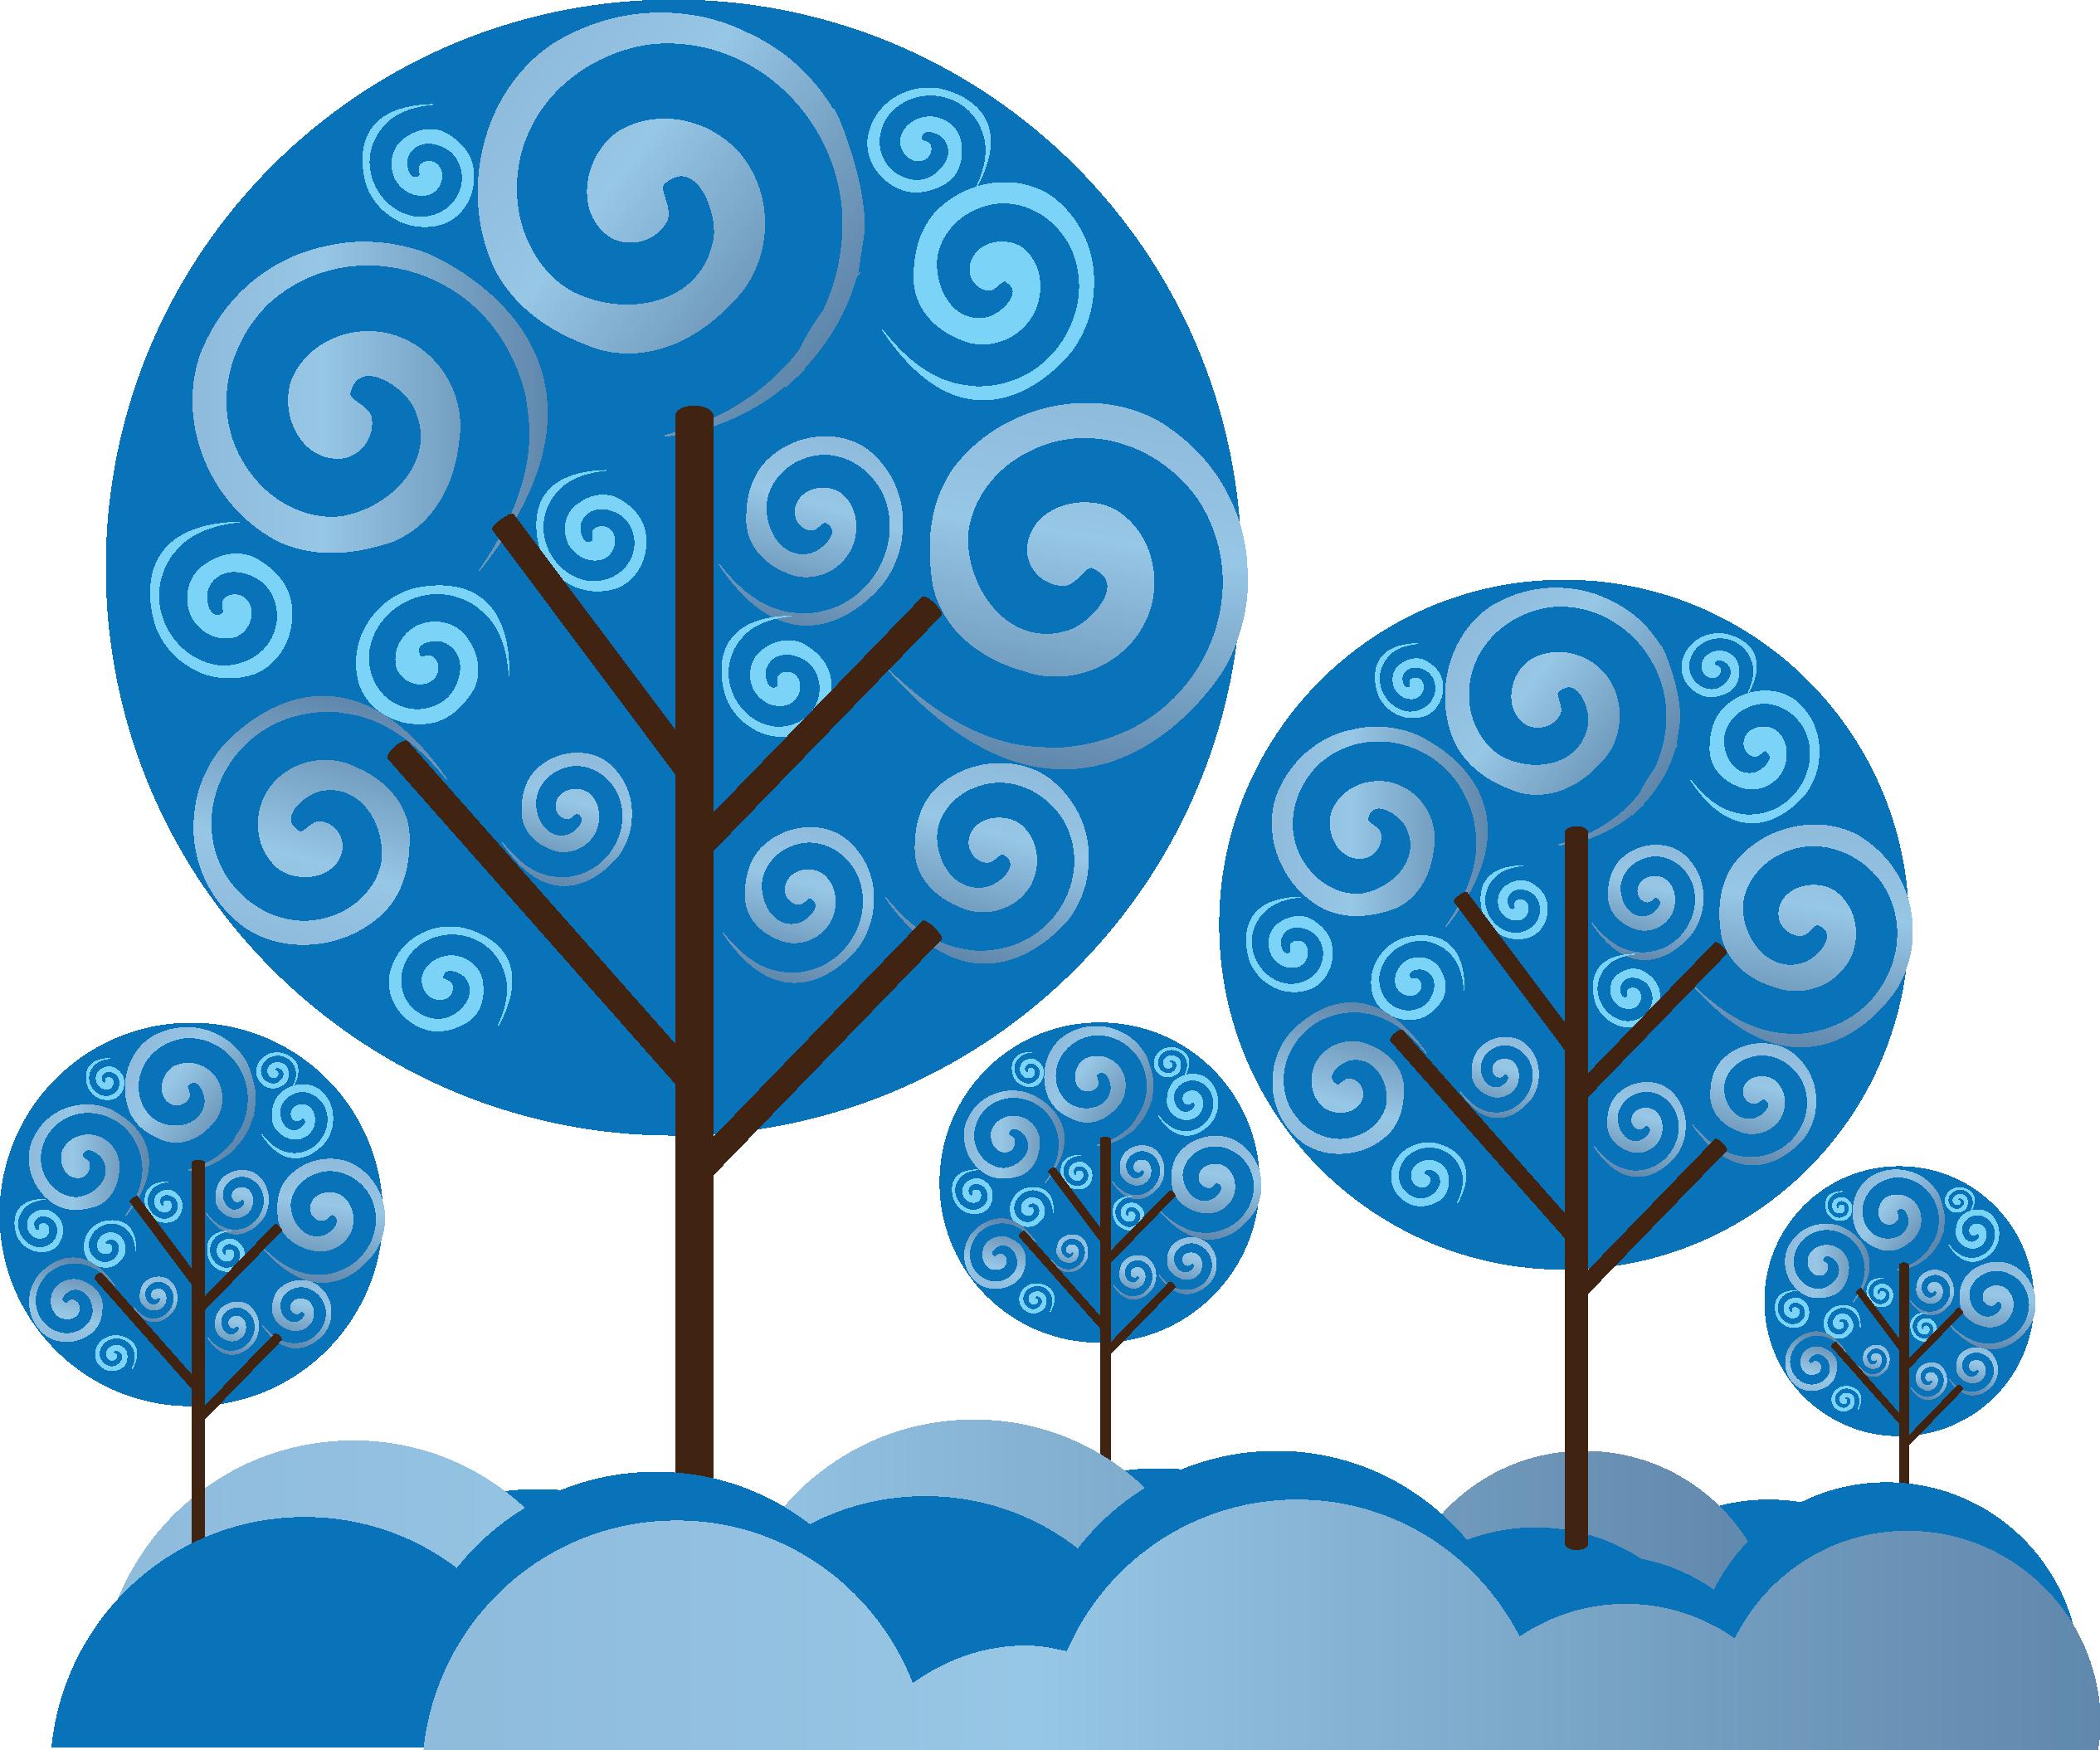 стоит зимнее дерево картинки для оформления устойчивость механическим